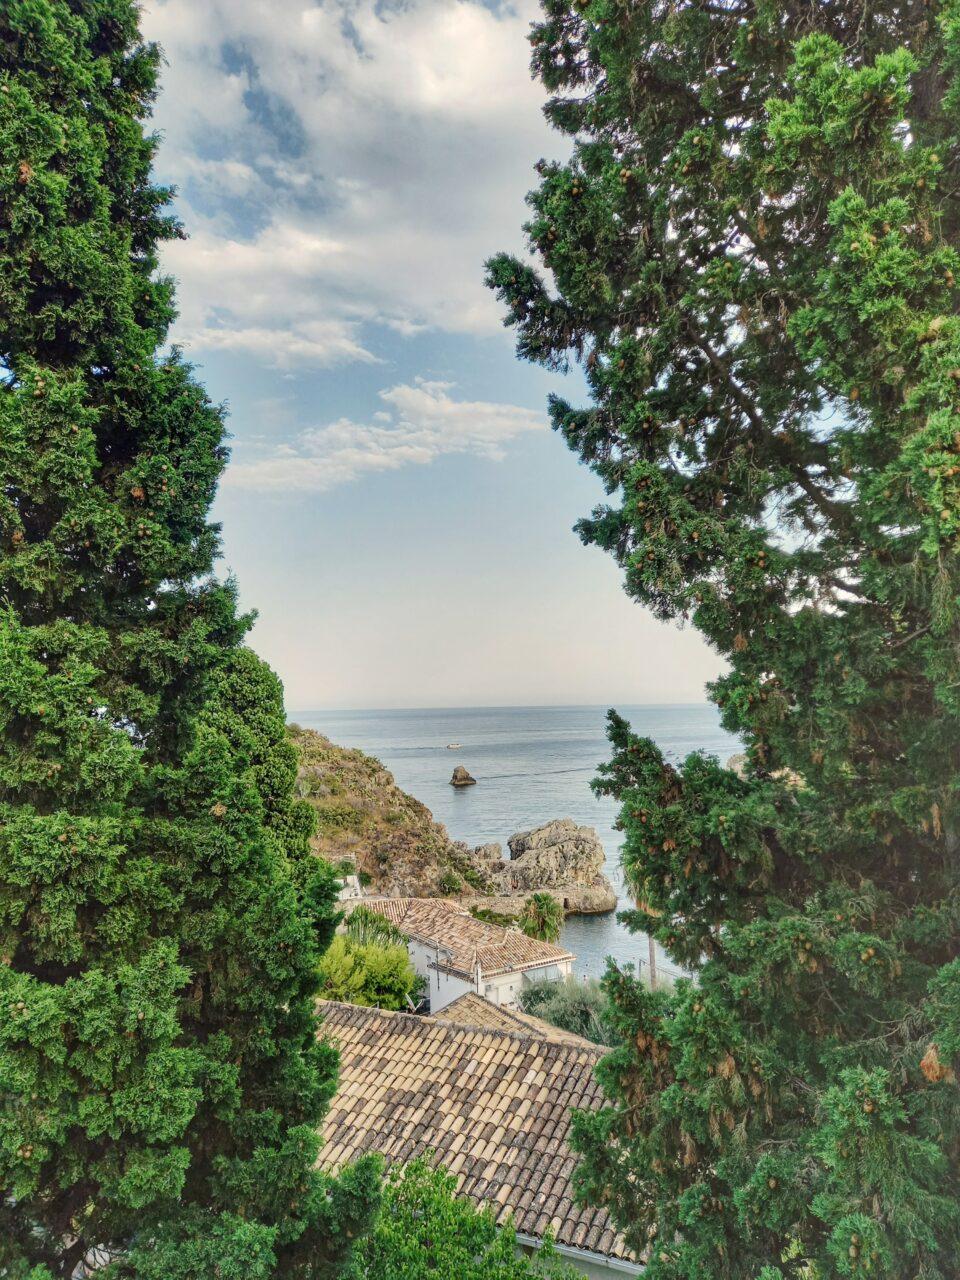 Ci sono luoghi che fanno Immaginare l'origine del suono. Taormina needs love